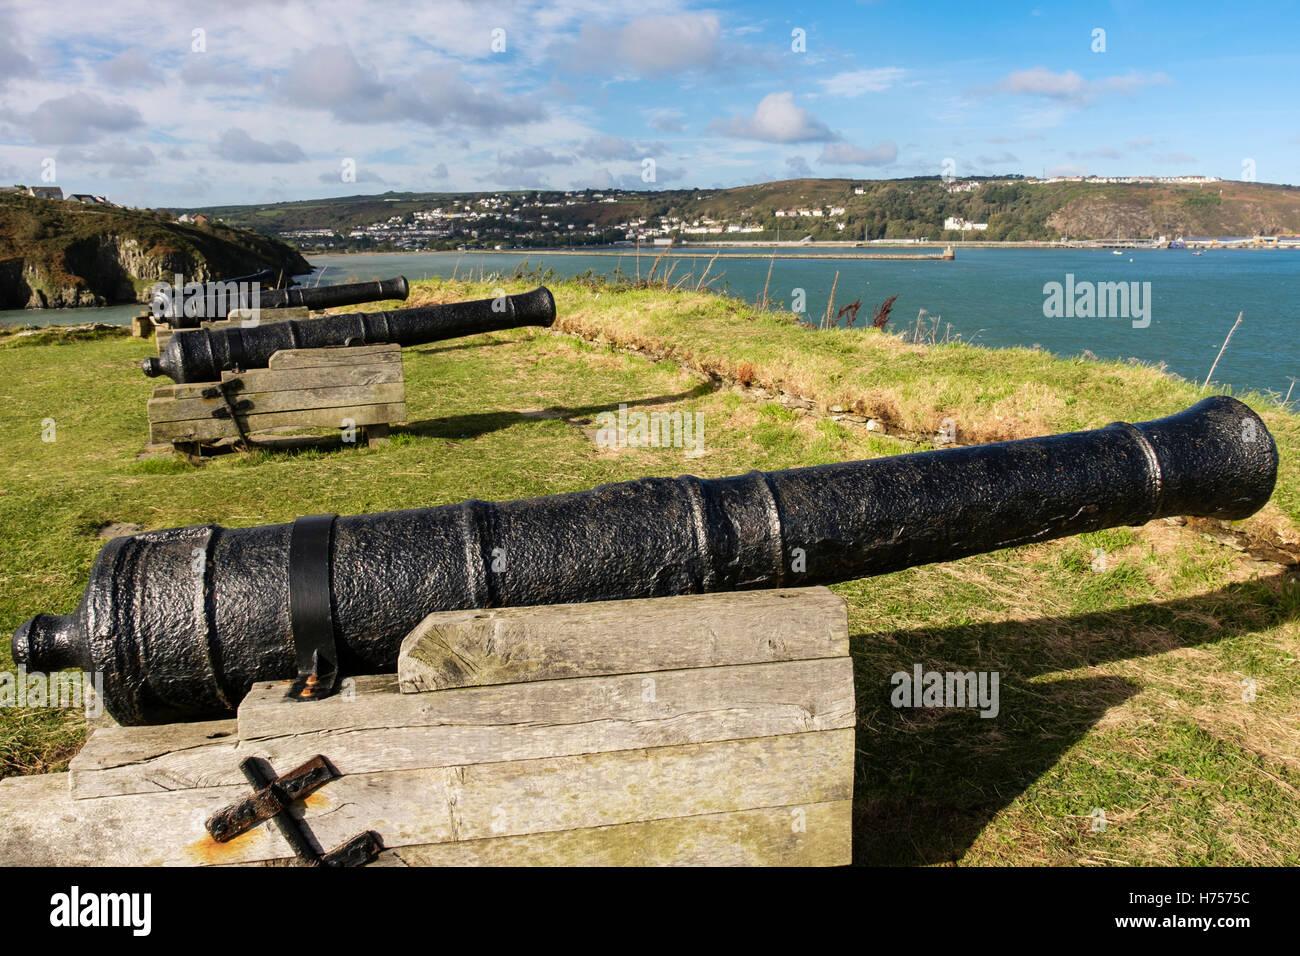 Vecchio 9 pounder guns nel XVIII secolo fort rovine 1781 su un promontorio affacciato sul porto. Fishguard, Pembrokeshire, Immagini Stock